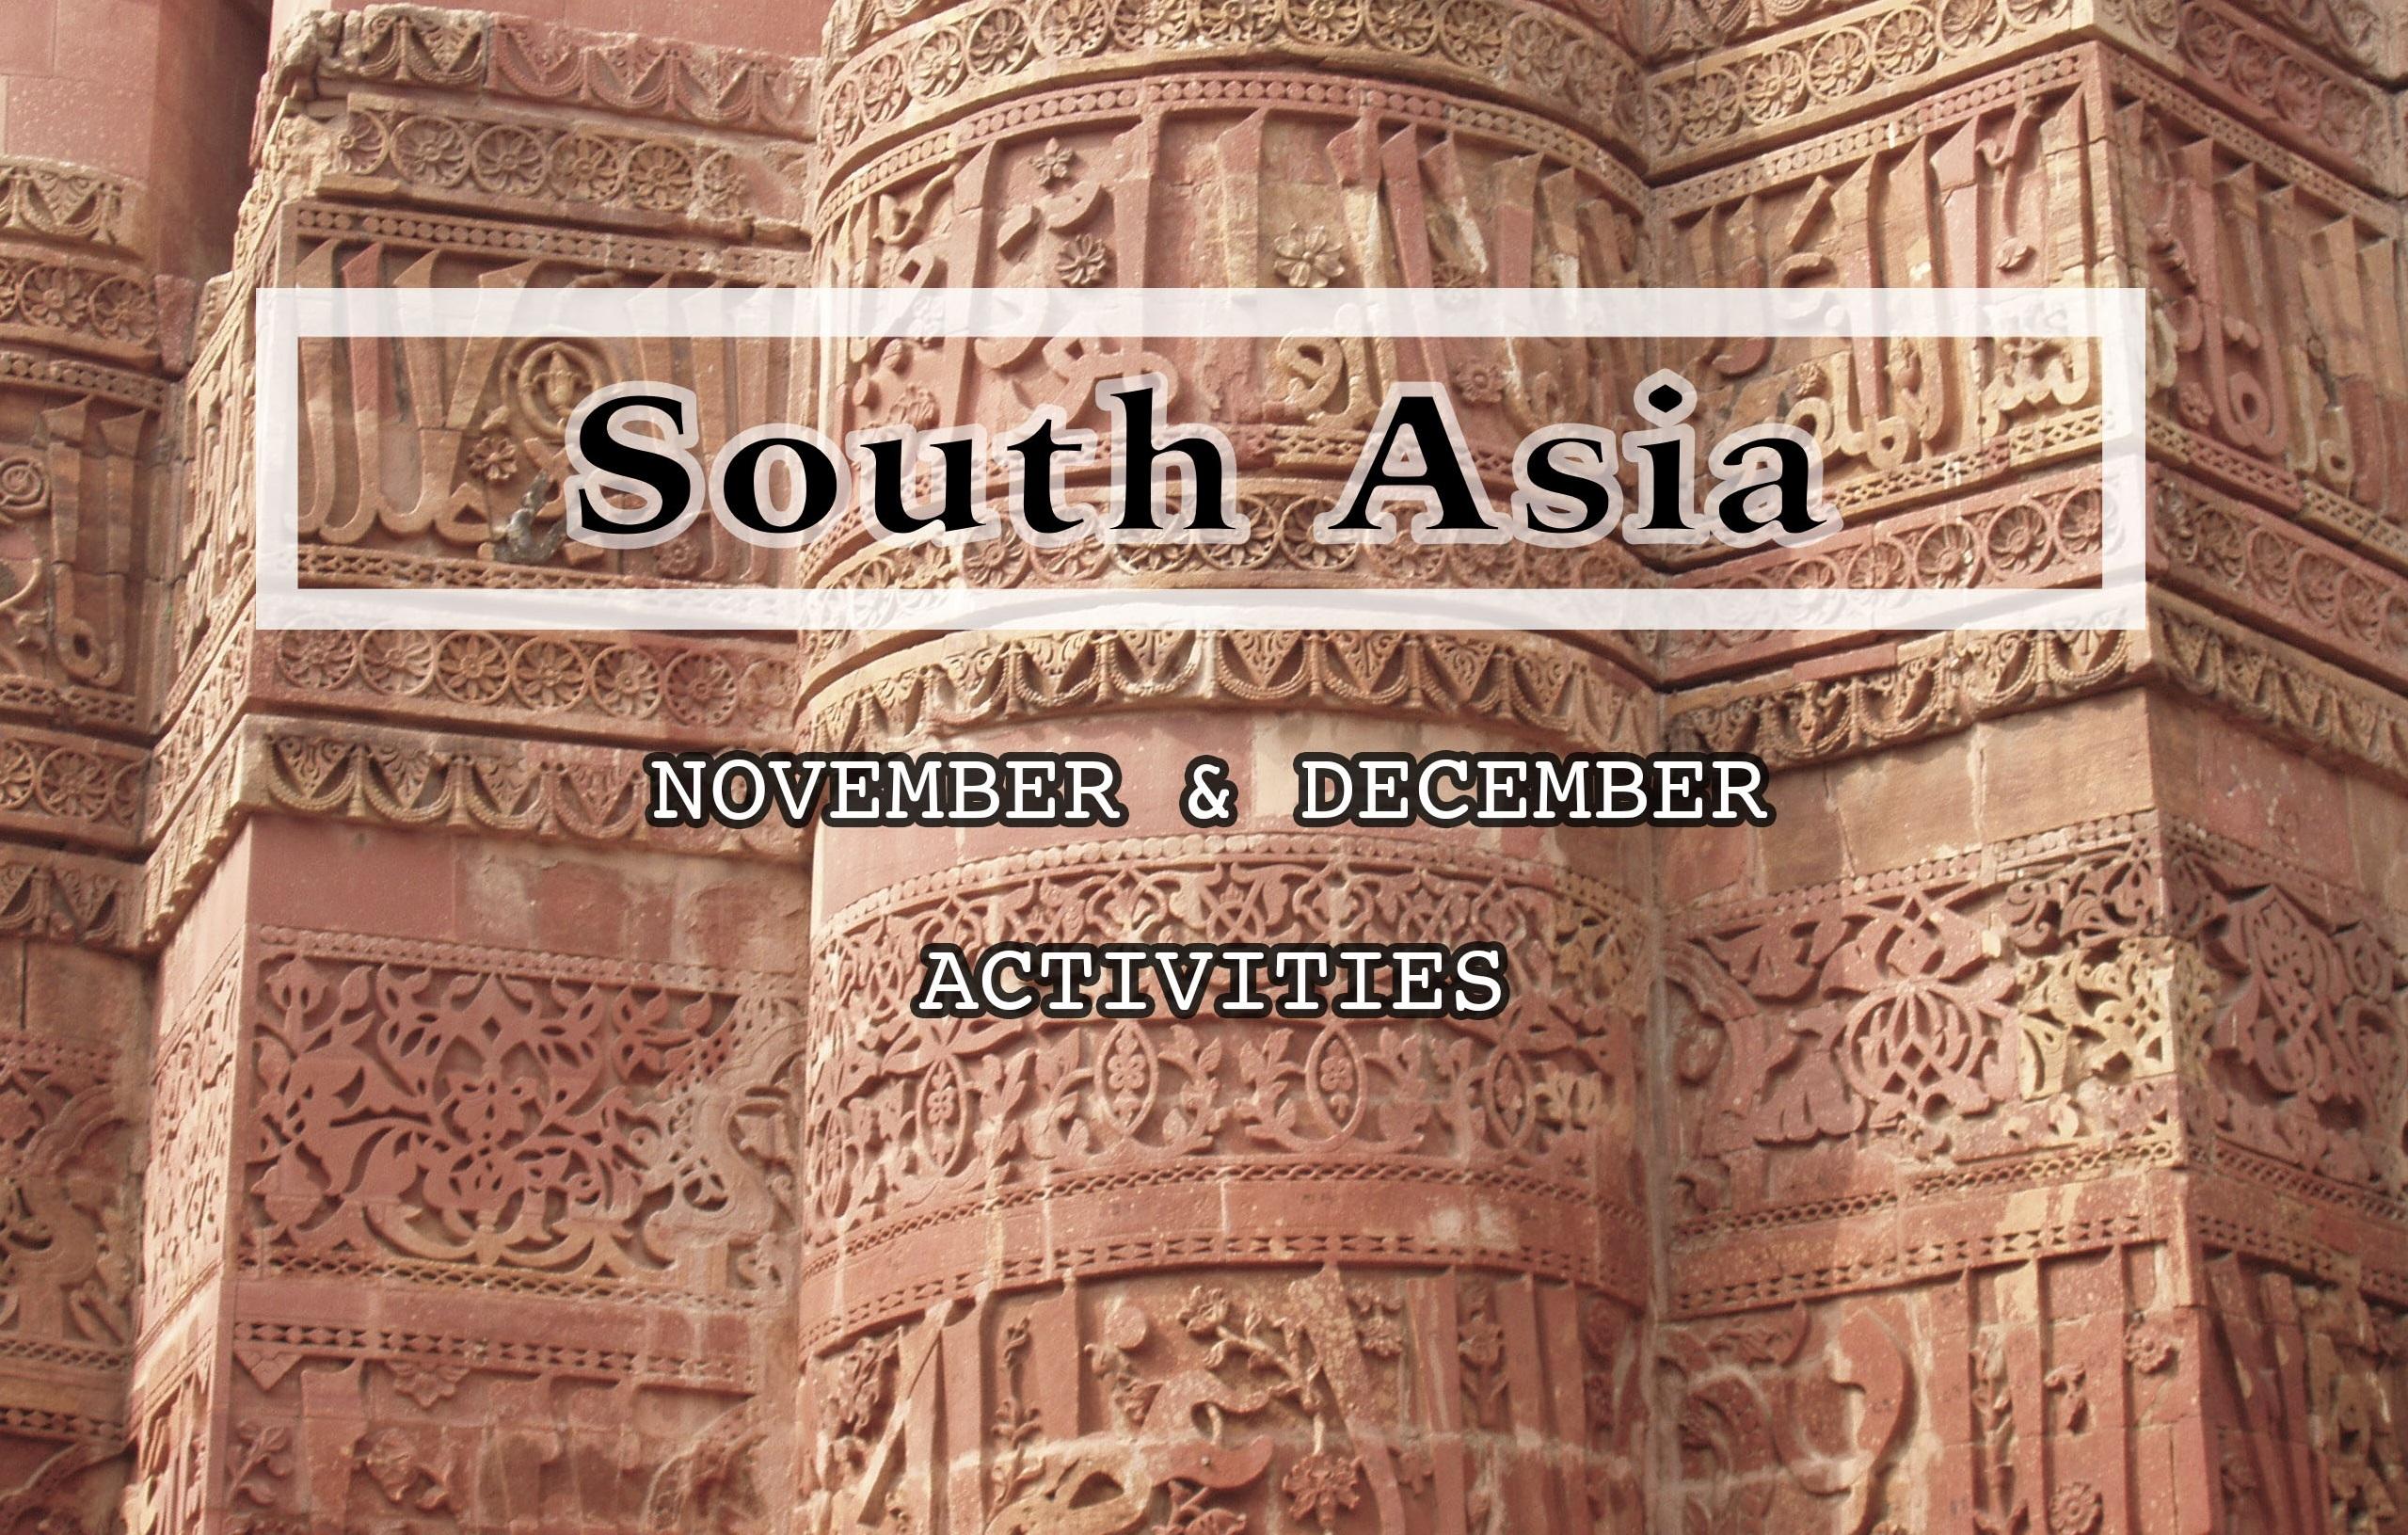 【活動訊息】十一月、十二月份南亞活動(不定時更新)